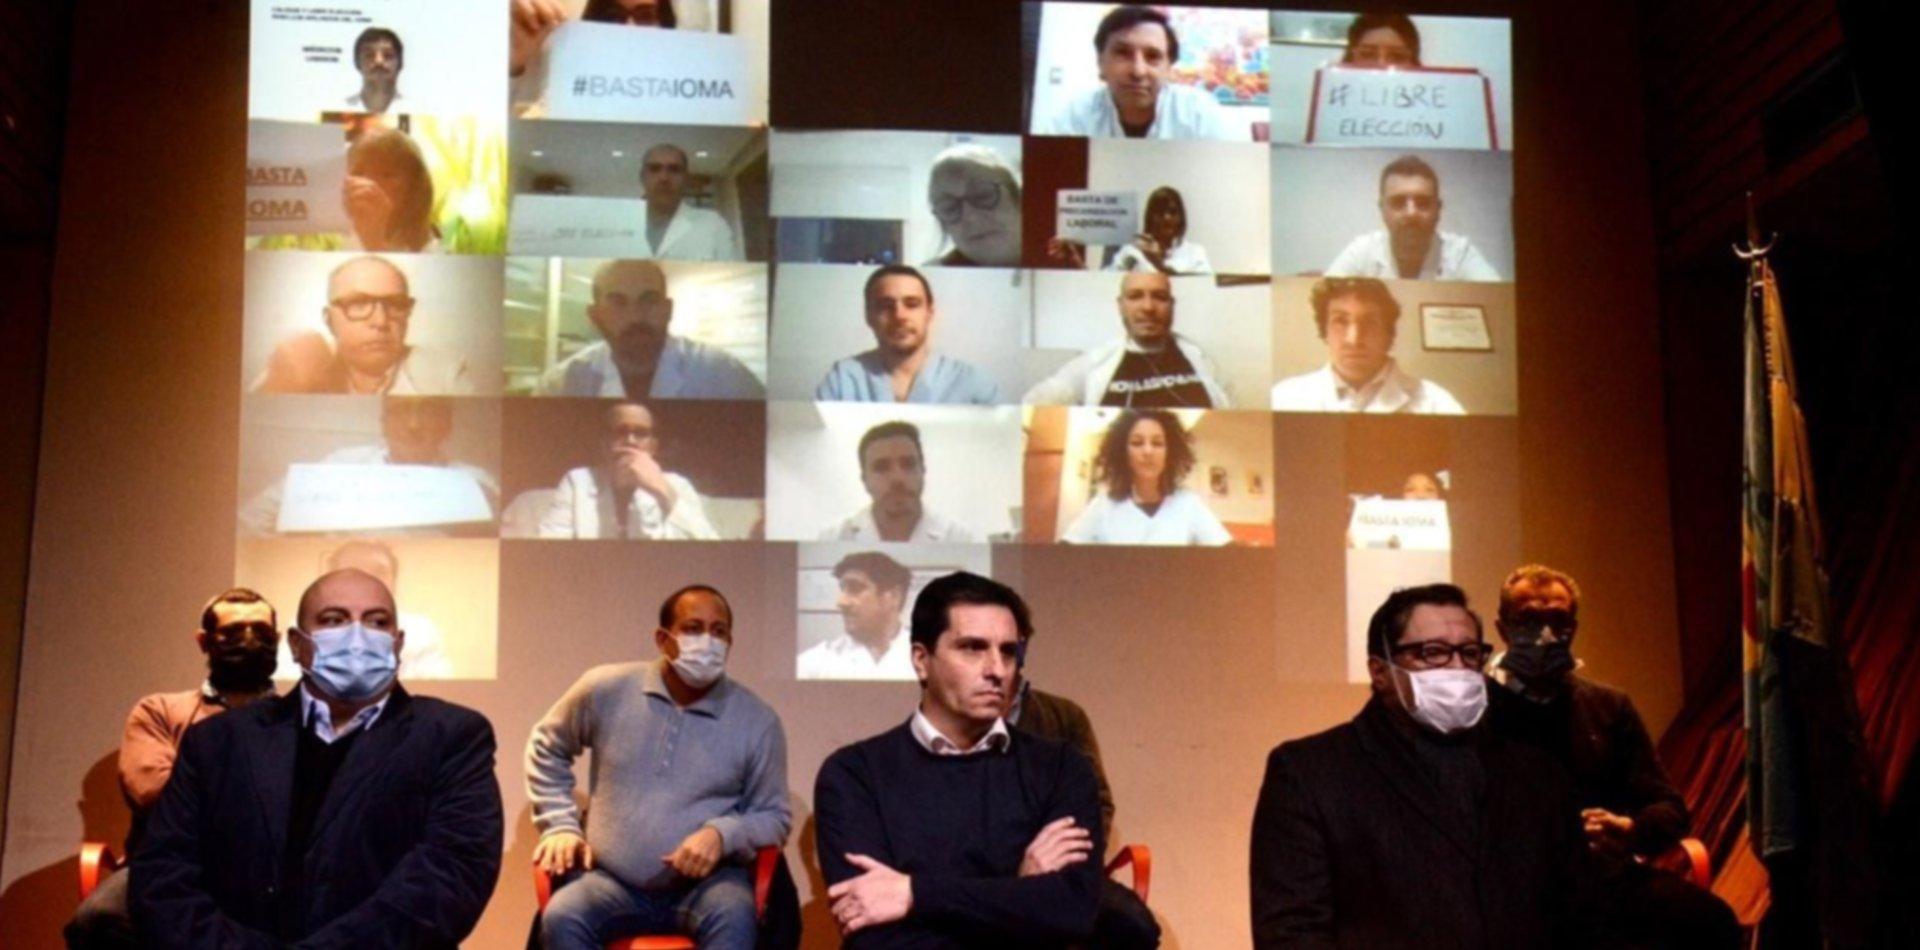 Guardapolvos blancos, barbijos y caravana: los médicos protestarán contra el IOMA